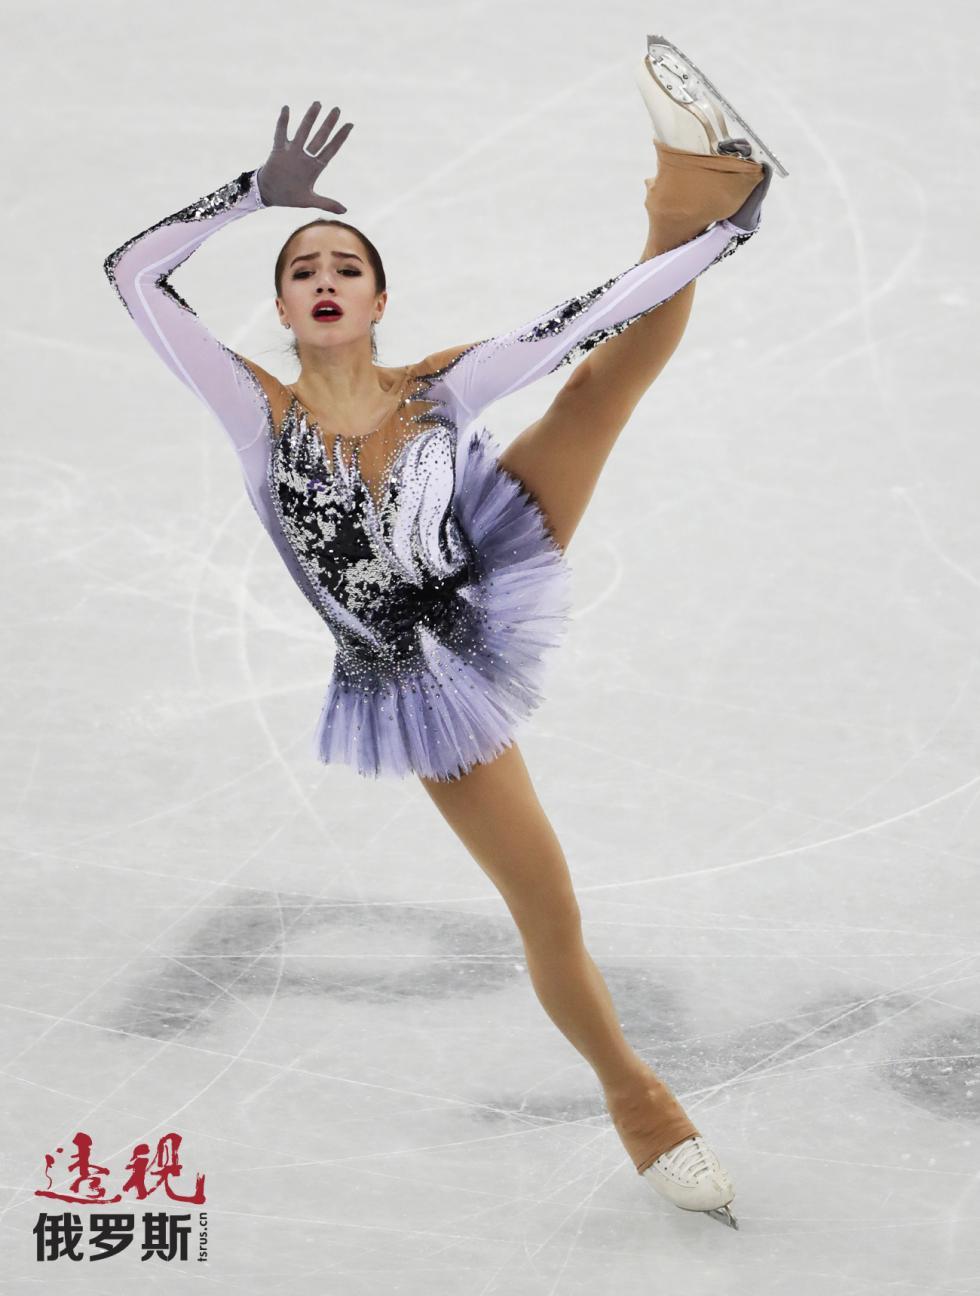 俄罗斯花滑选手阿琳娜·扎吉托娃。图片来源:AP